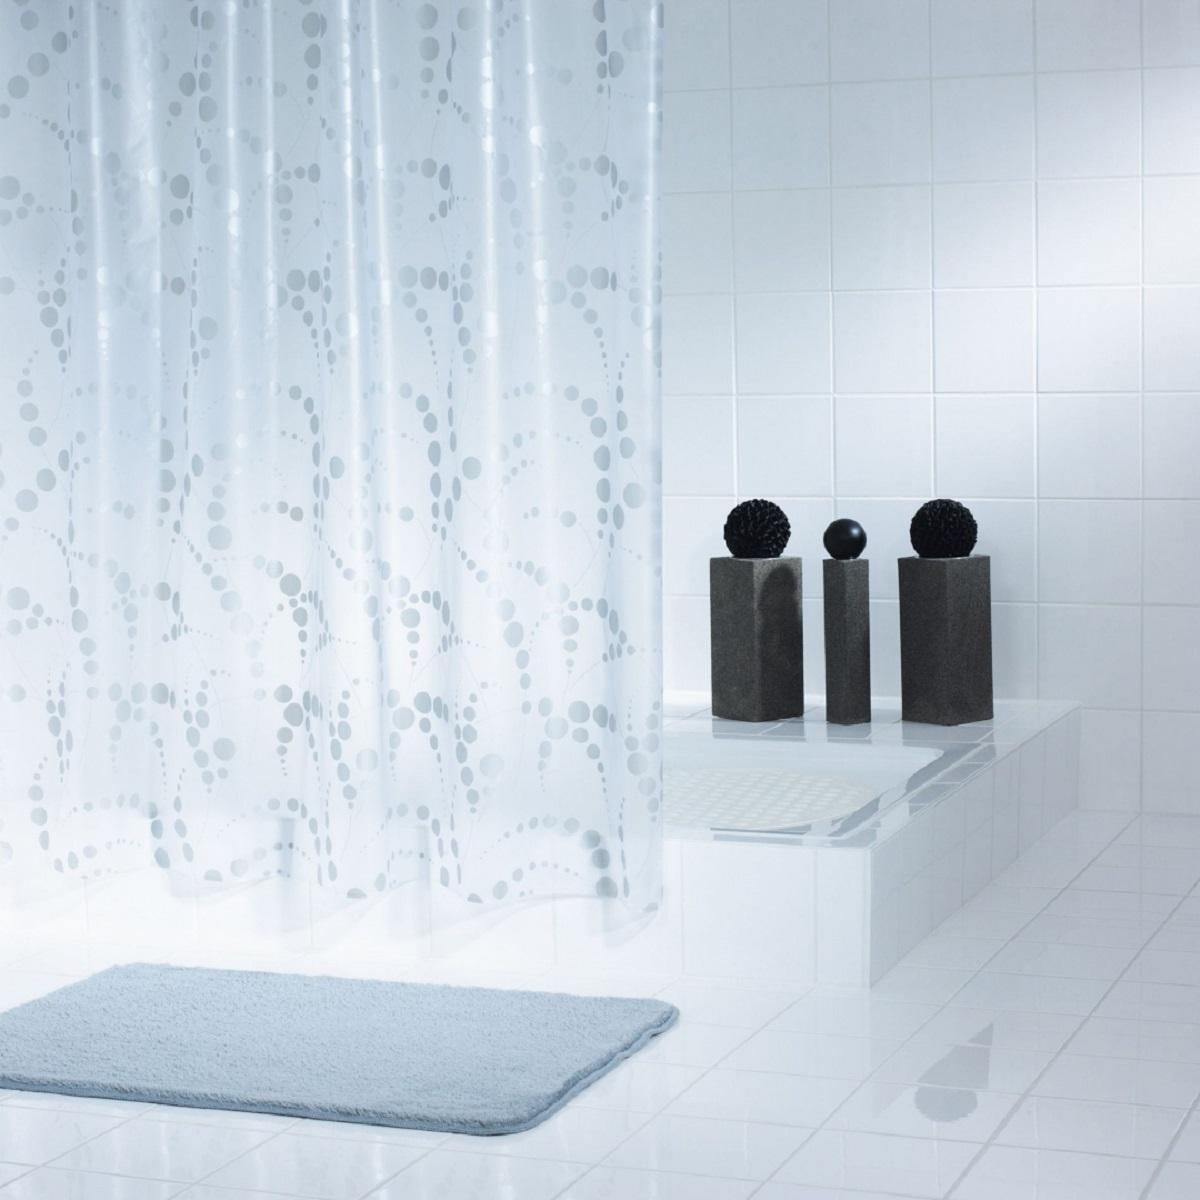 Штора для ванной комнаты Ridder Dots, цвет: серый, 180 х 200 см32377Штора для ванной комнаты Ridder Dots, изготовленная из высококачественного полиэтиленвинилацетата, приятна на ощупь, устойчива к разрывам и проколам, не пропускает воду. Изделие декорировано ярким рисунком с изображением кругов.Штора надежно защитит от брызг и капель пространство вашей ванной комнаты в то время, пока вы принимаете душ, а привлекательный дизайн шторы наполнит вашу ванную комнату положительной энергией.